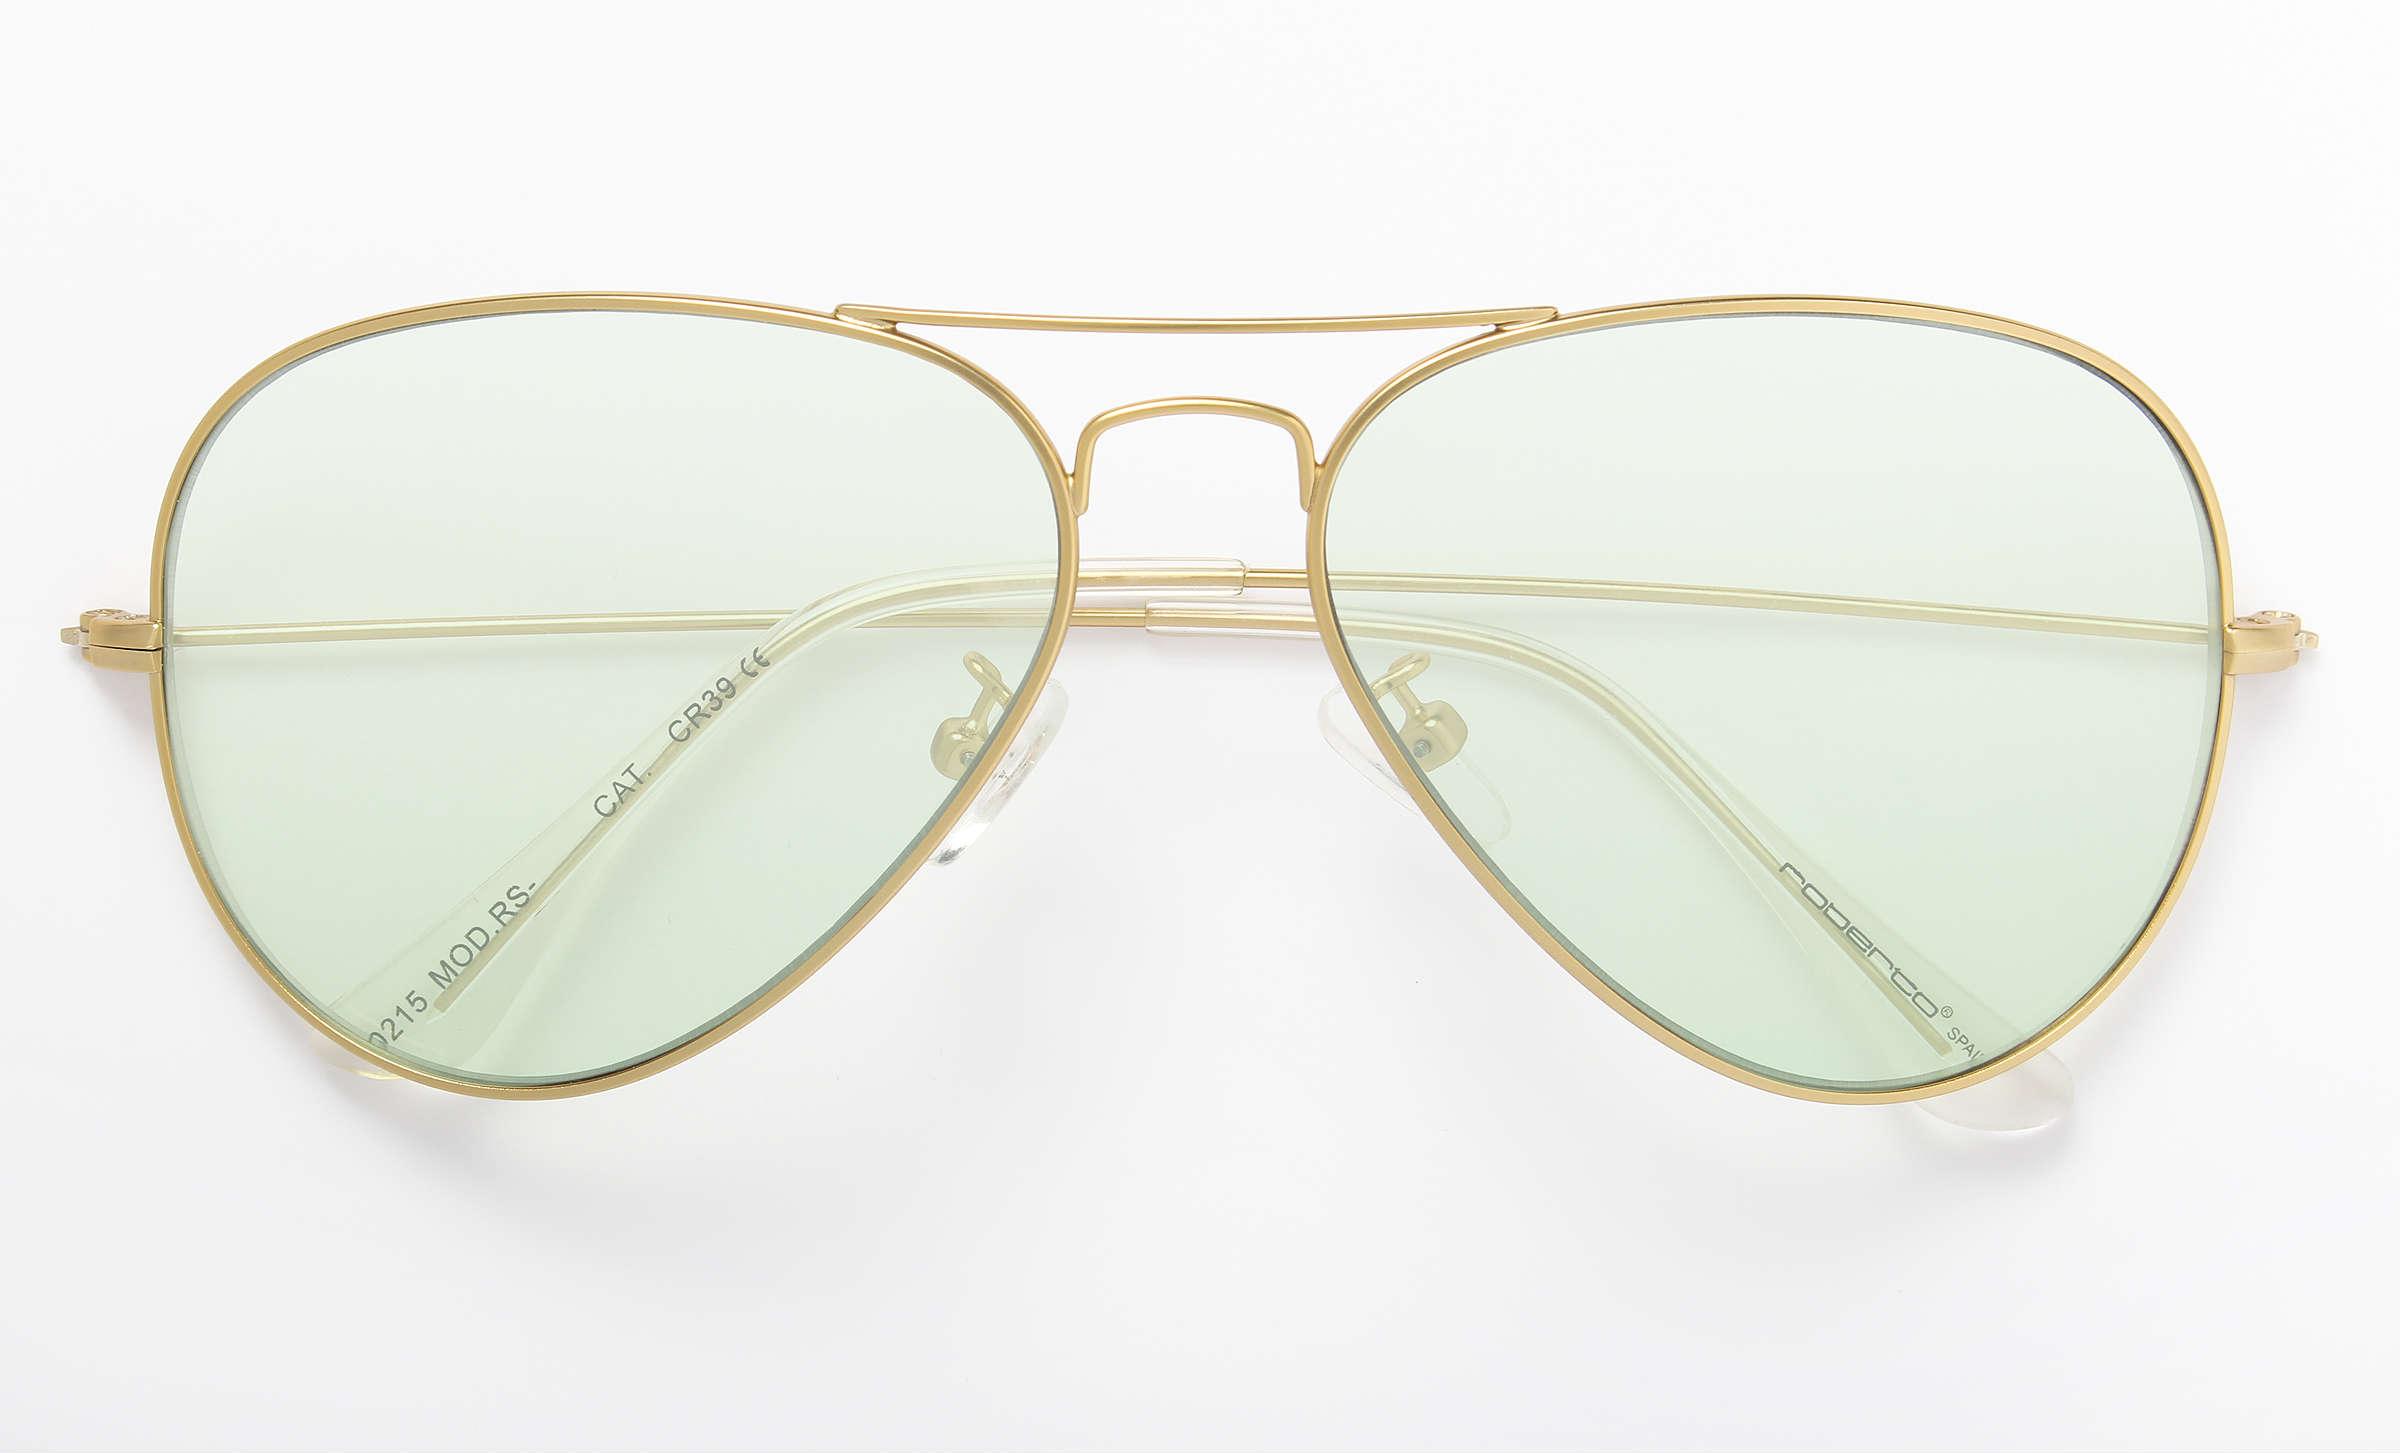 nuevo producto 50065 b9b1d Lentes transparentes y color: Atrévete con el estilo boho chic